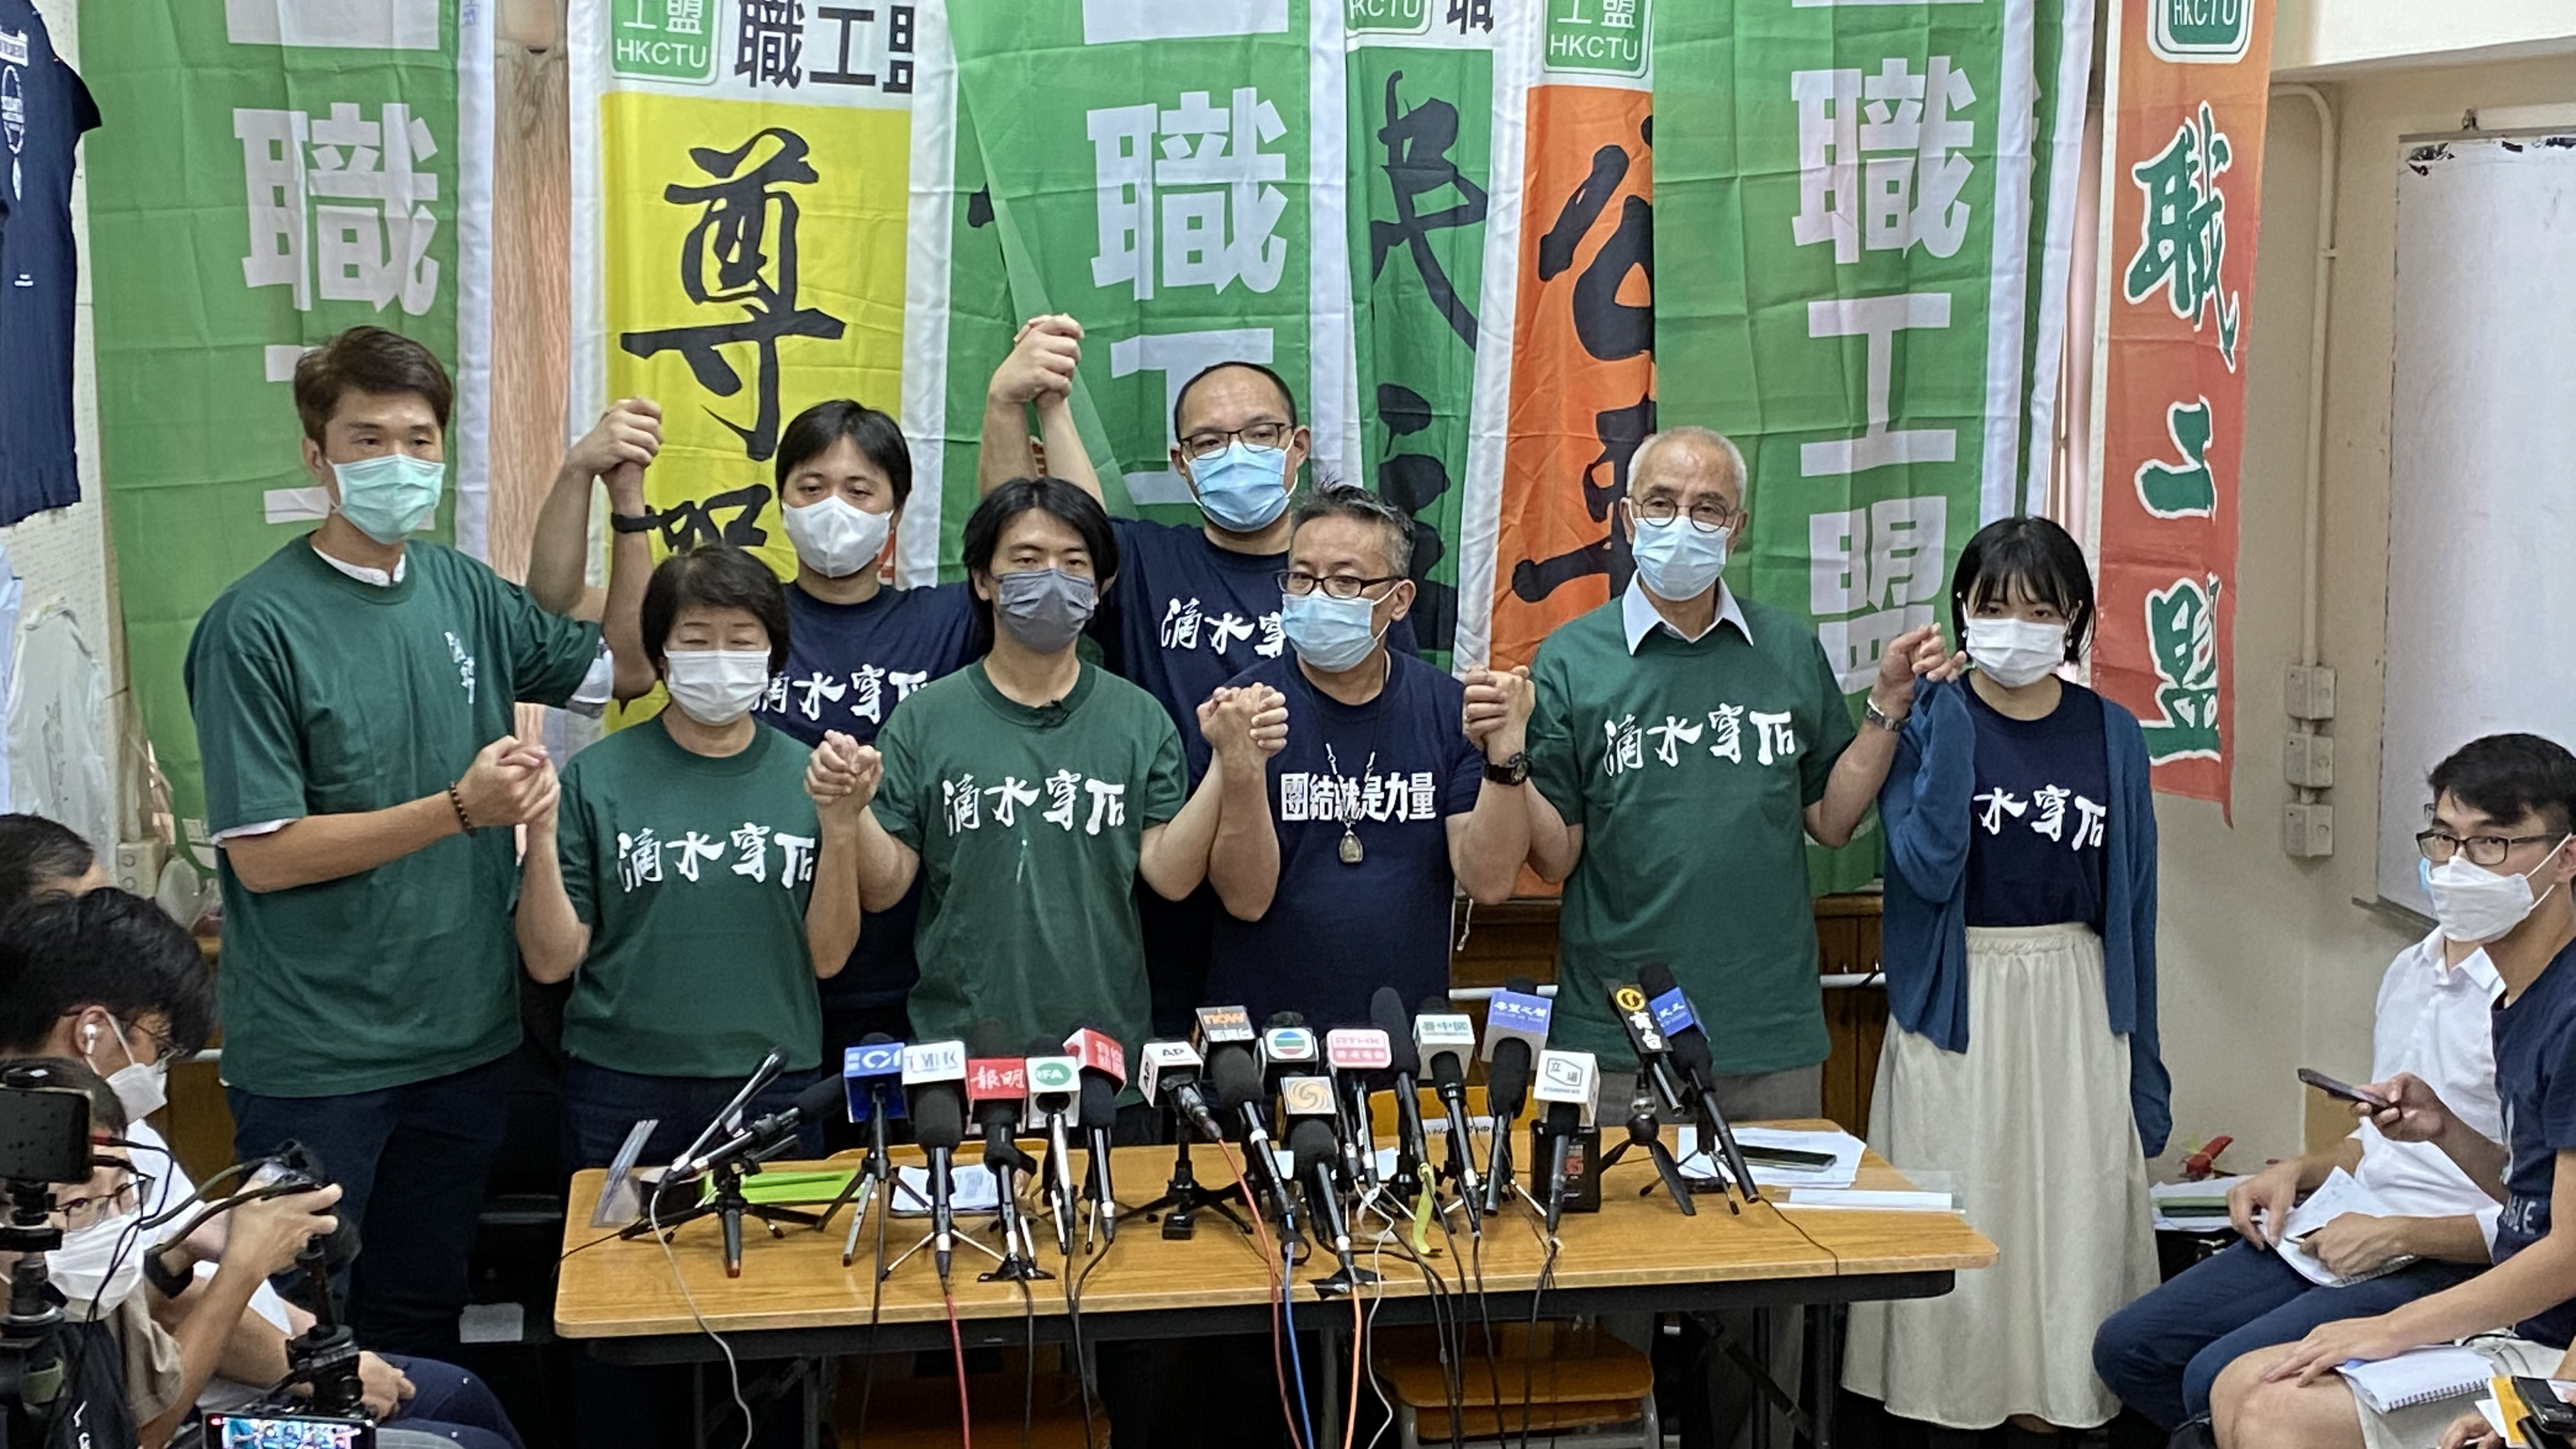 成立31年的香港職工會聯盟(職工盟)周日(19日)宣布啟動解散程序。(鄧穎韜 攝)